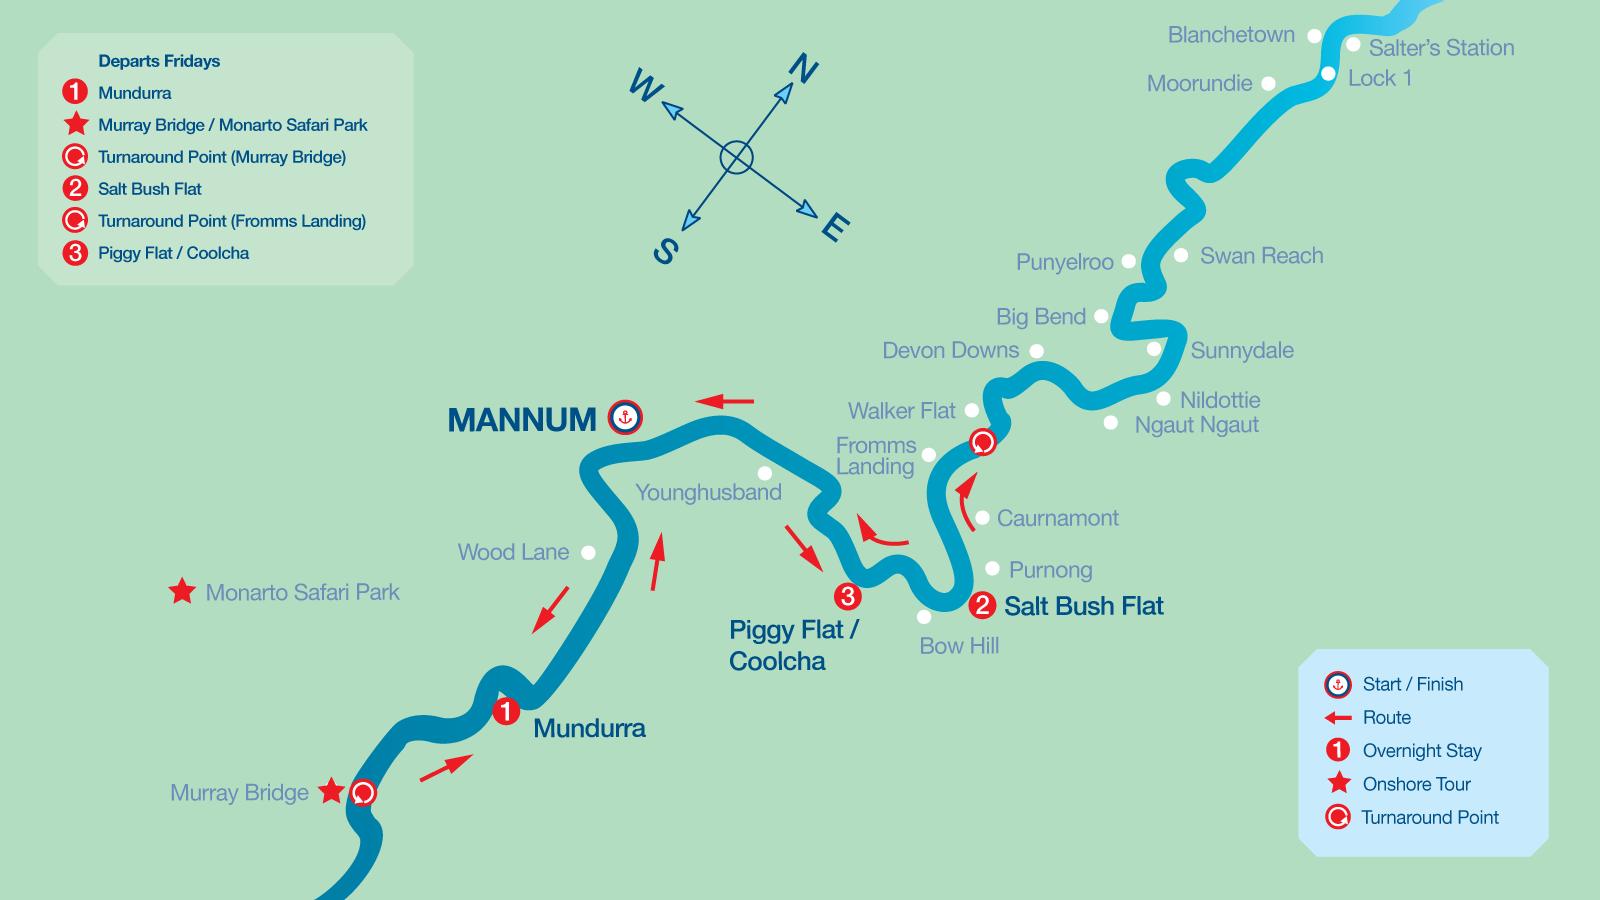 Map of 3 Night Cruise Itinerary